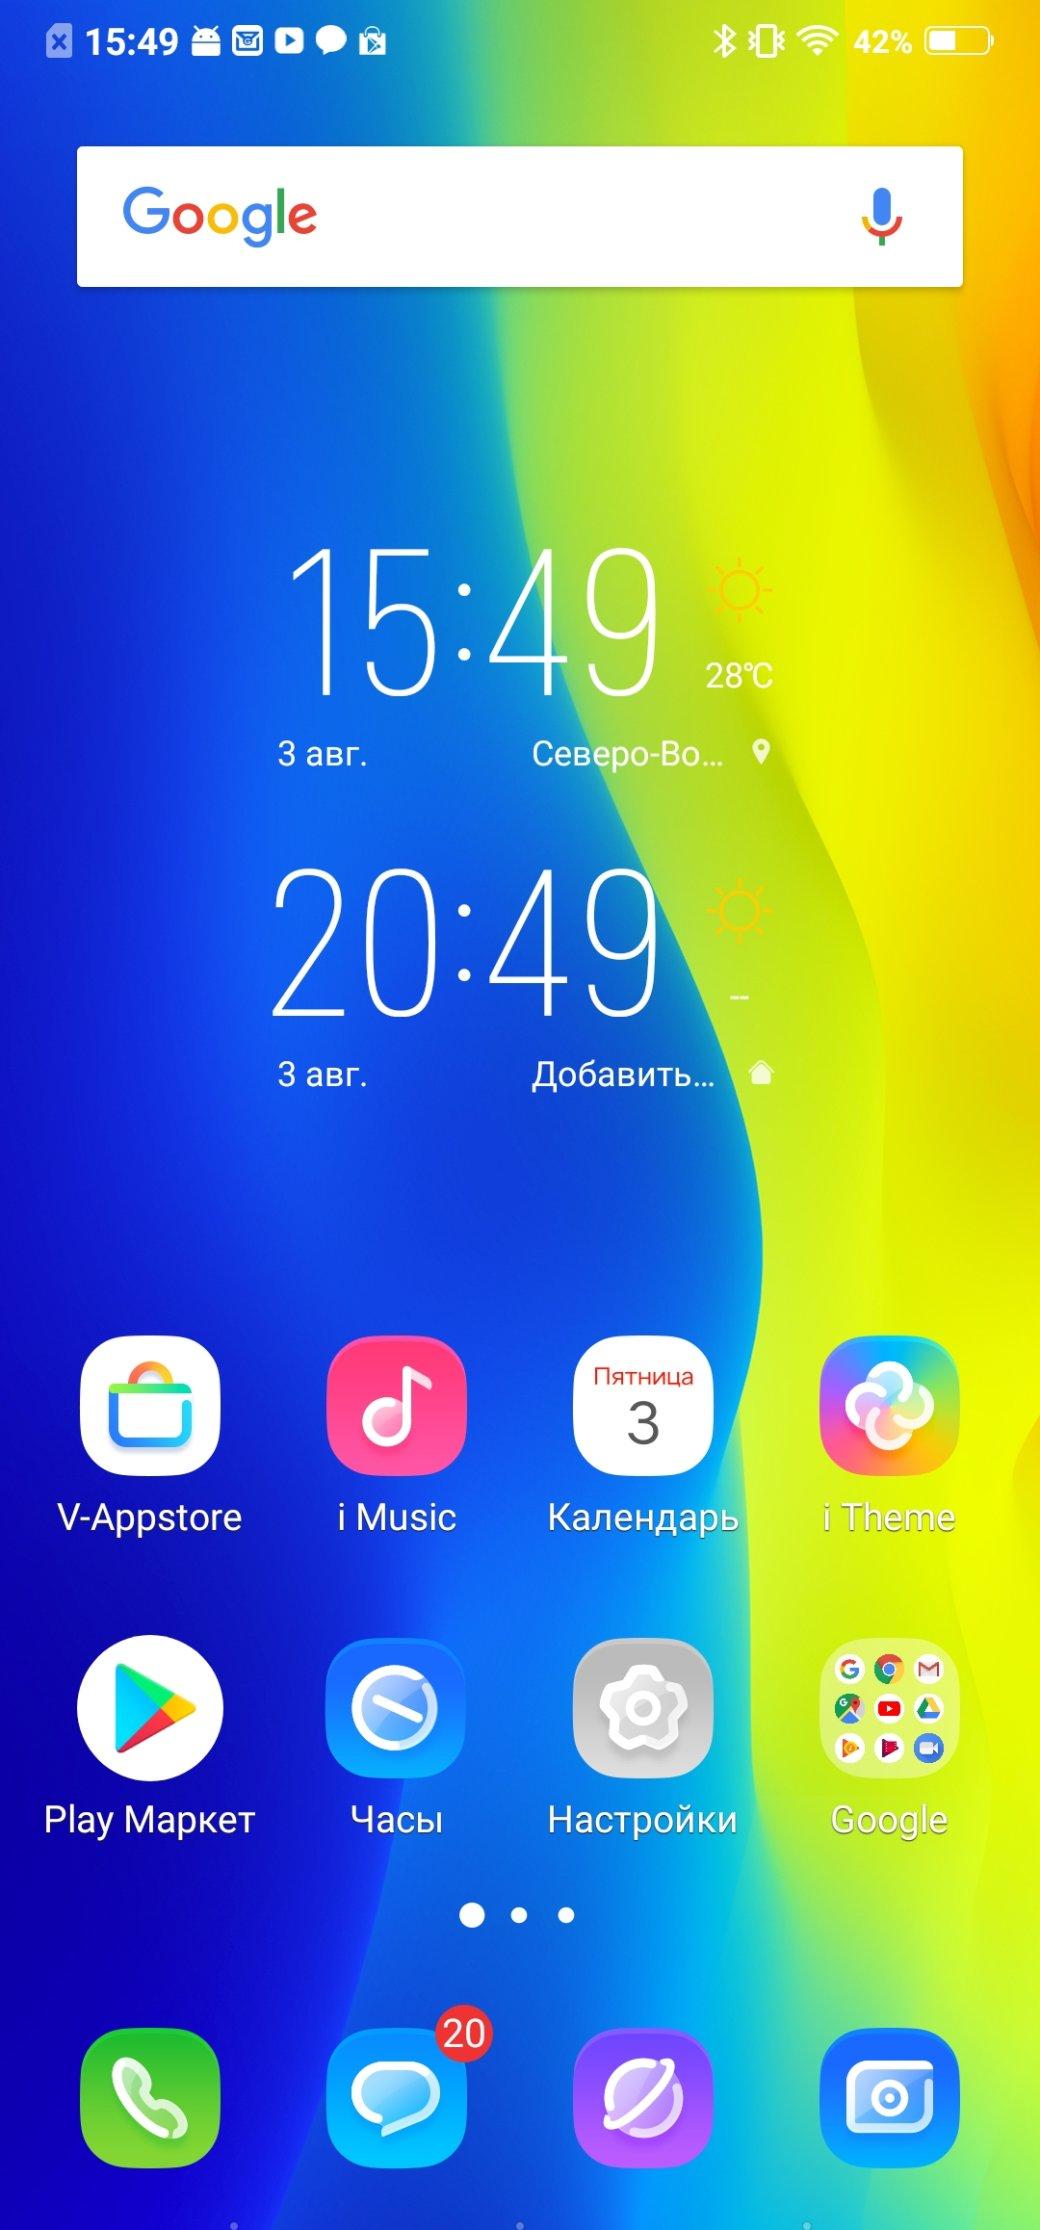 Технологический шедевр? Обзор смартфона Vivo Nex. - Изображение 10